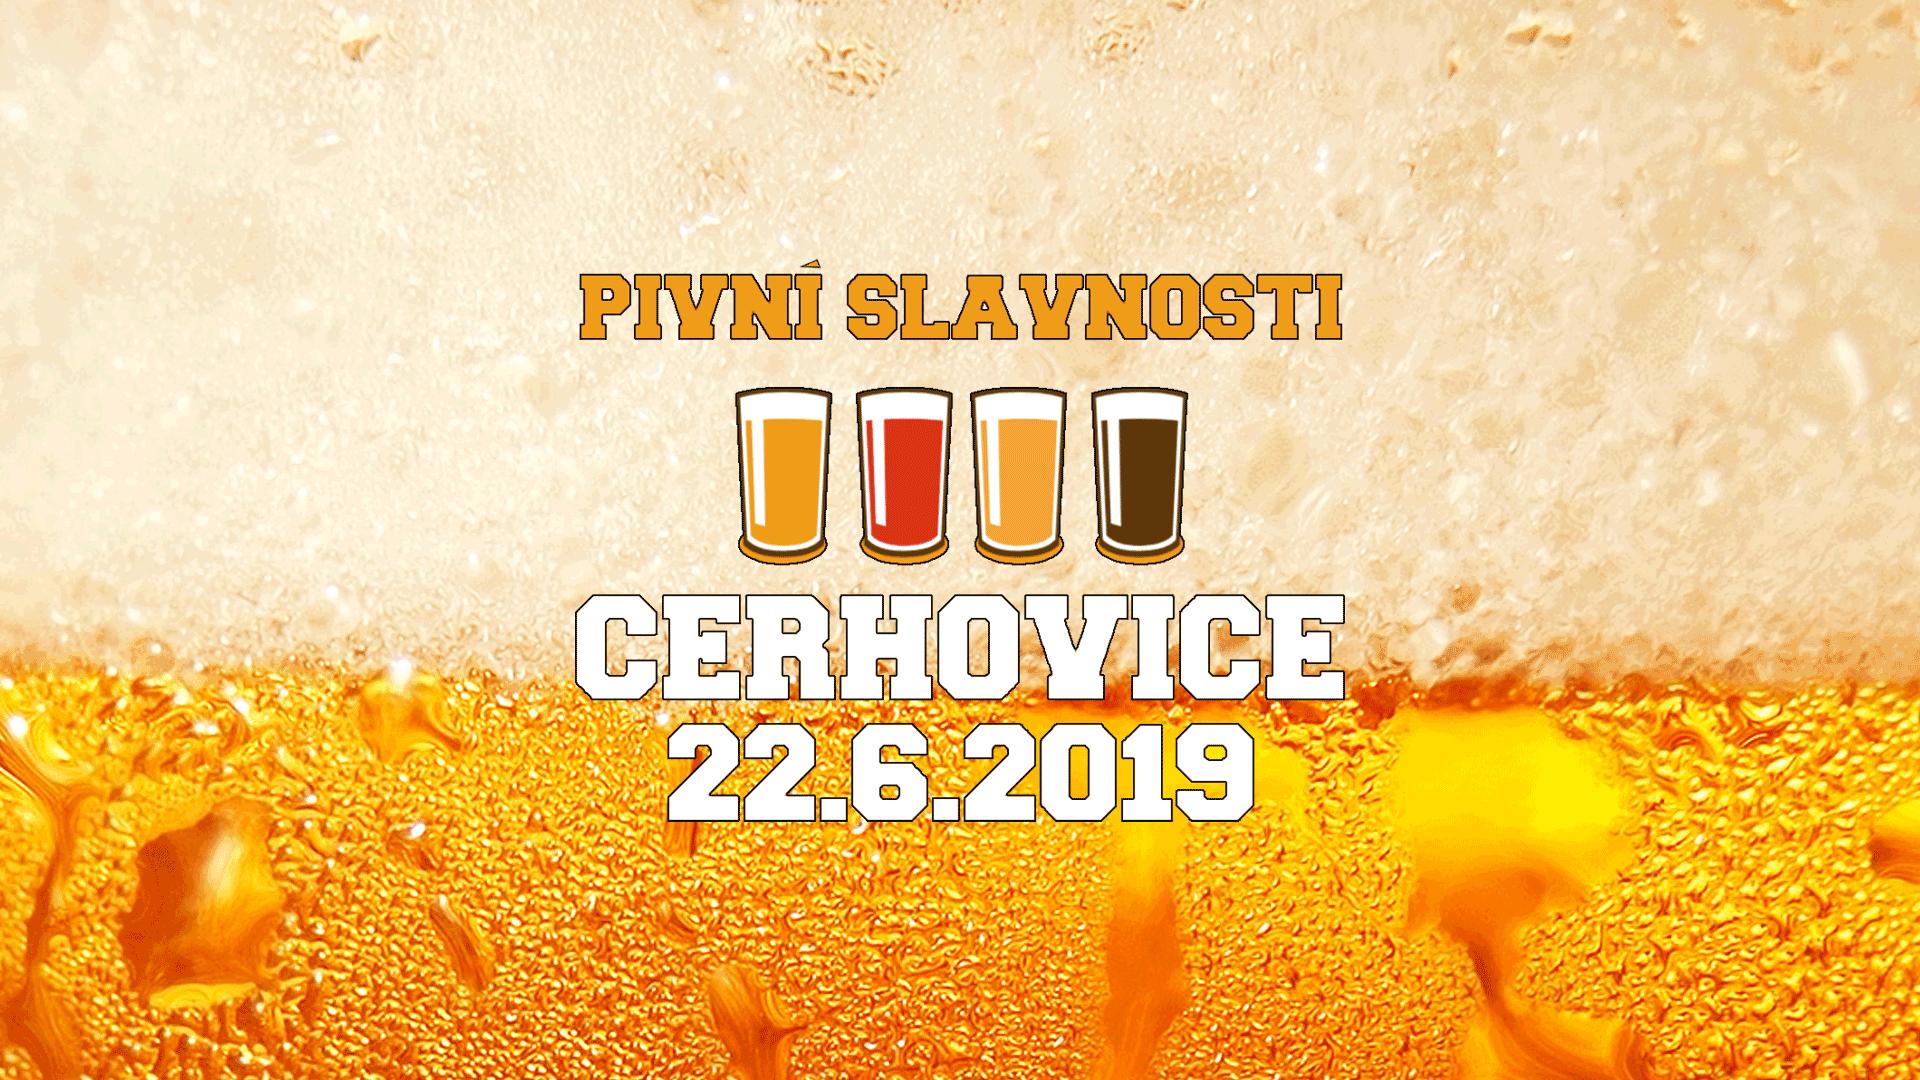 pivovari-pivovary-pivni-akce-pivni-slavnosti-cerhovice-2019